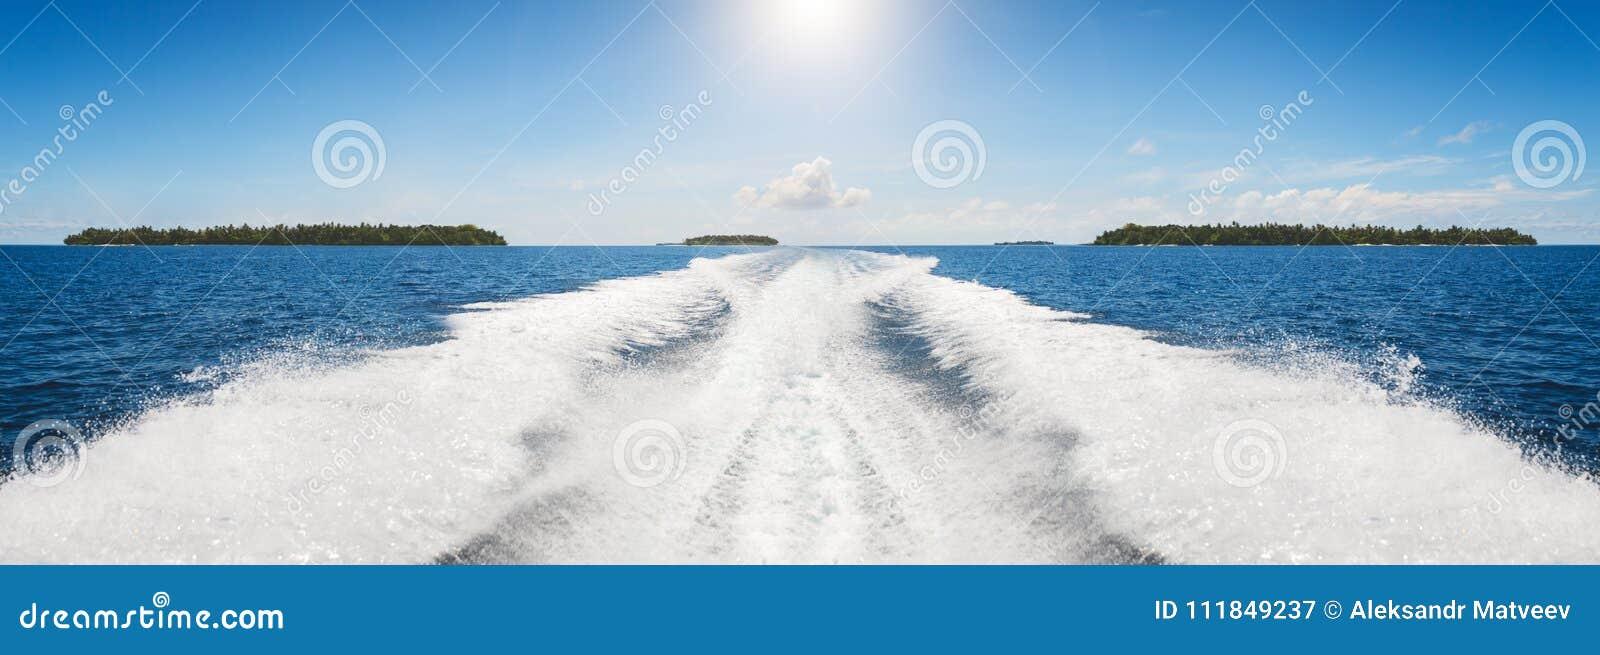 Tło wody powierzchnia behind szybka poruszająca motorowa łódź w rocznika retro stylu